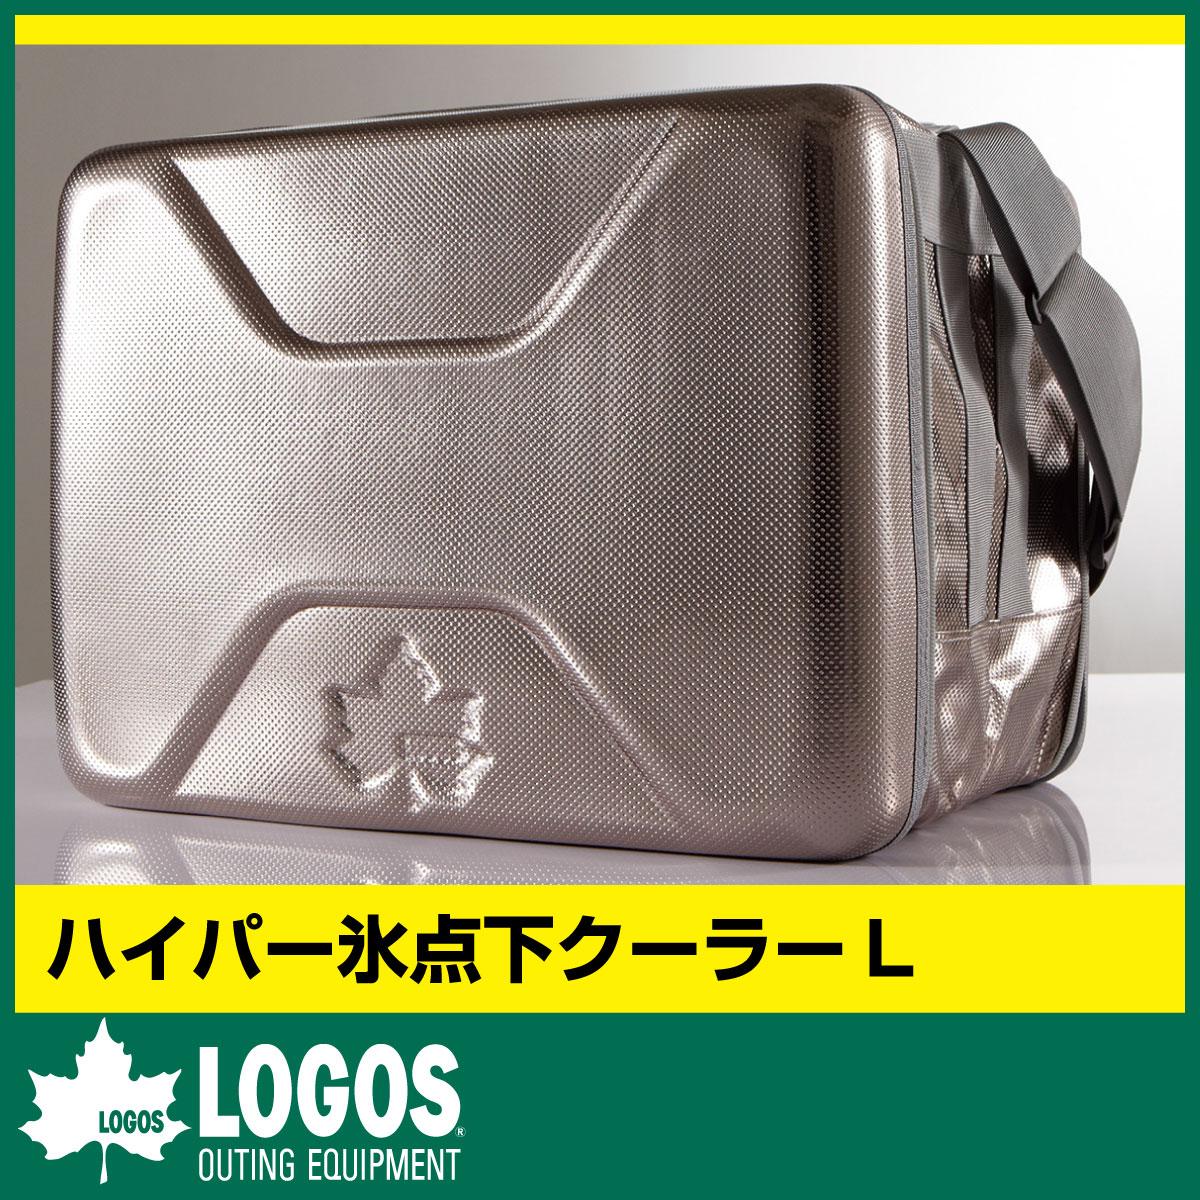 【LOGOS ロゴス アウトドア】驚異の保冷力!氷点下パック使用でアイスクリームが約11時間保存可能!・ハイパー氷点下クーラーL